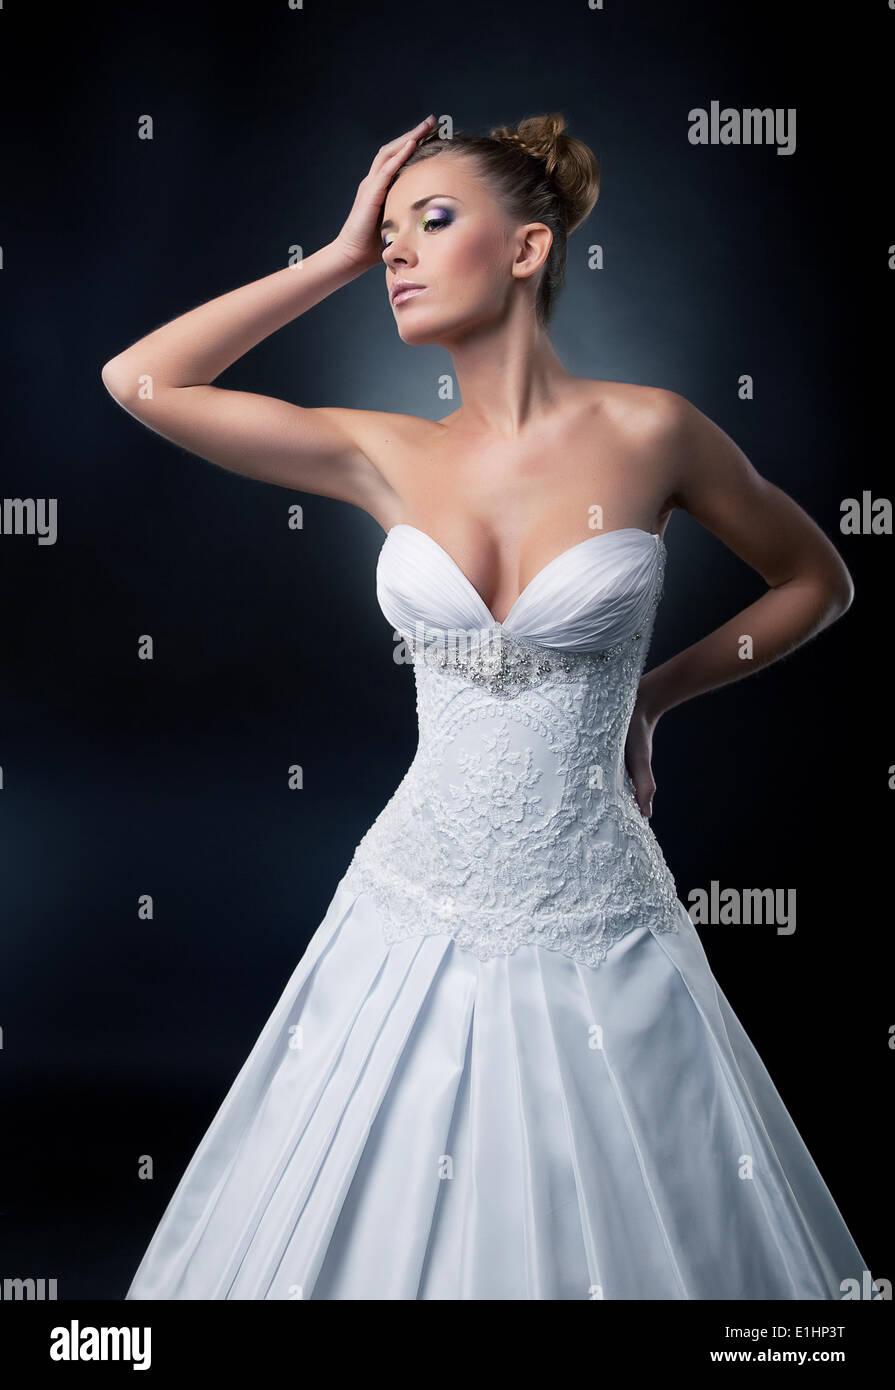 Allettante sposa capelli biondi moda femminile modello in posa studio. Serie di foto Immagini Stock